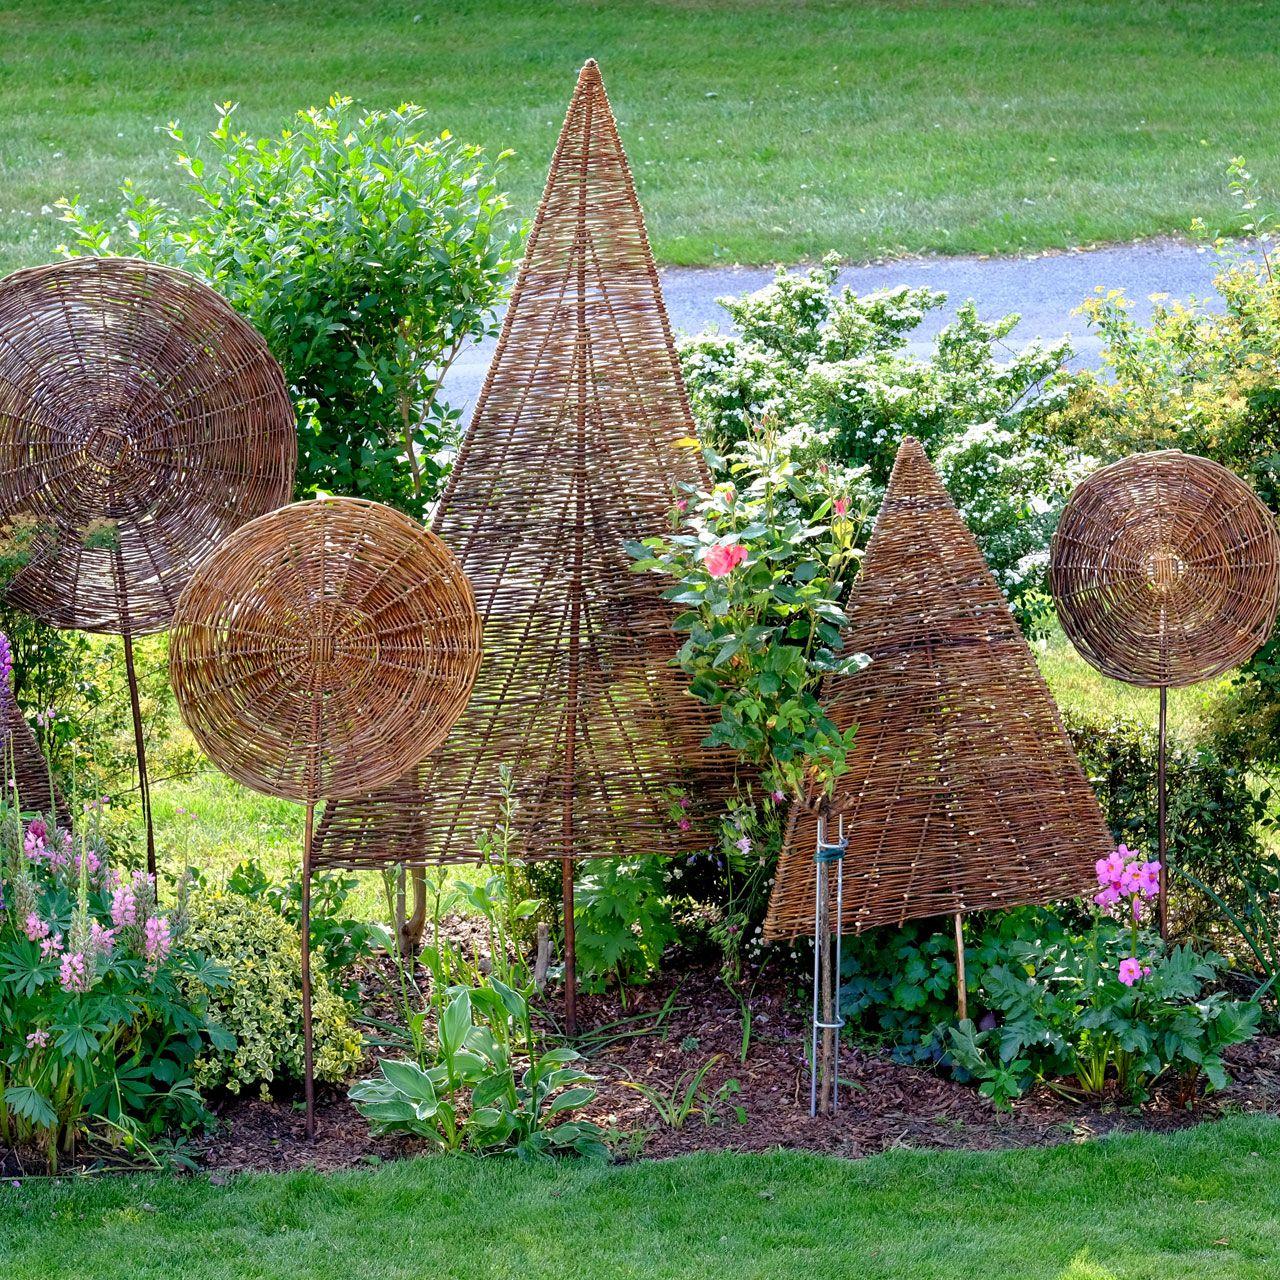 Weiden Deko Garten Luxus Sichtschutz Weidenbaum Tanne Natur